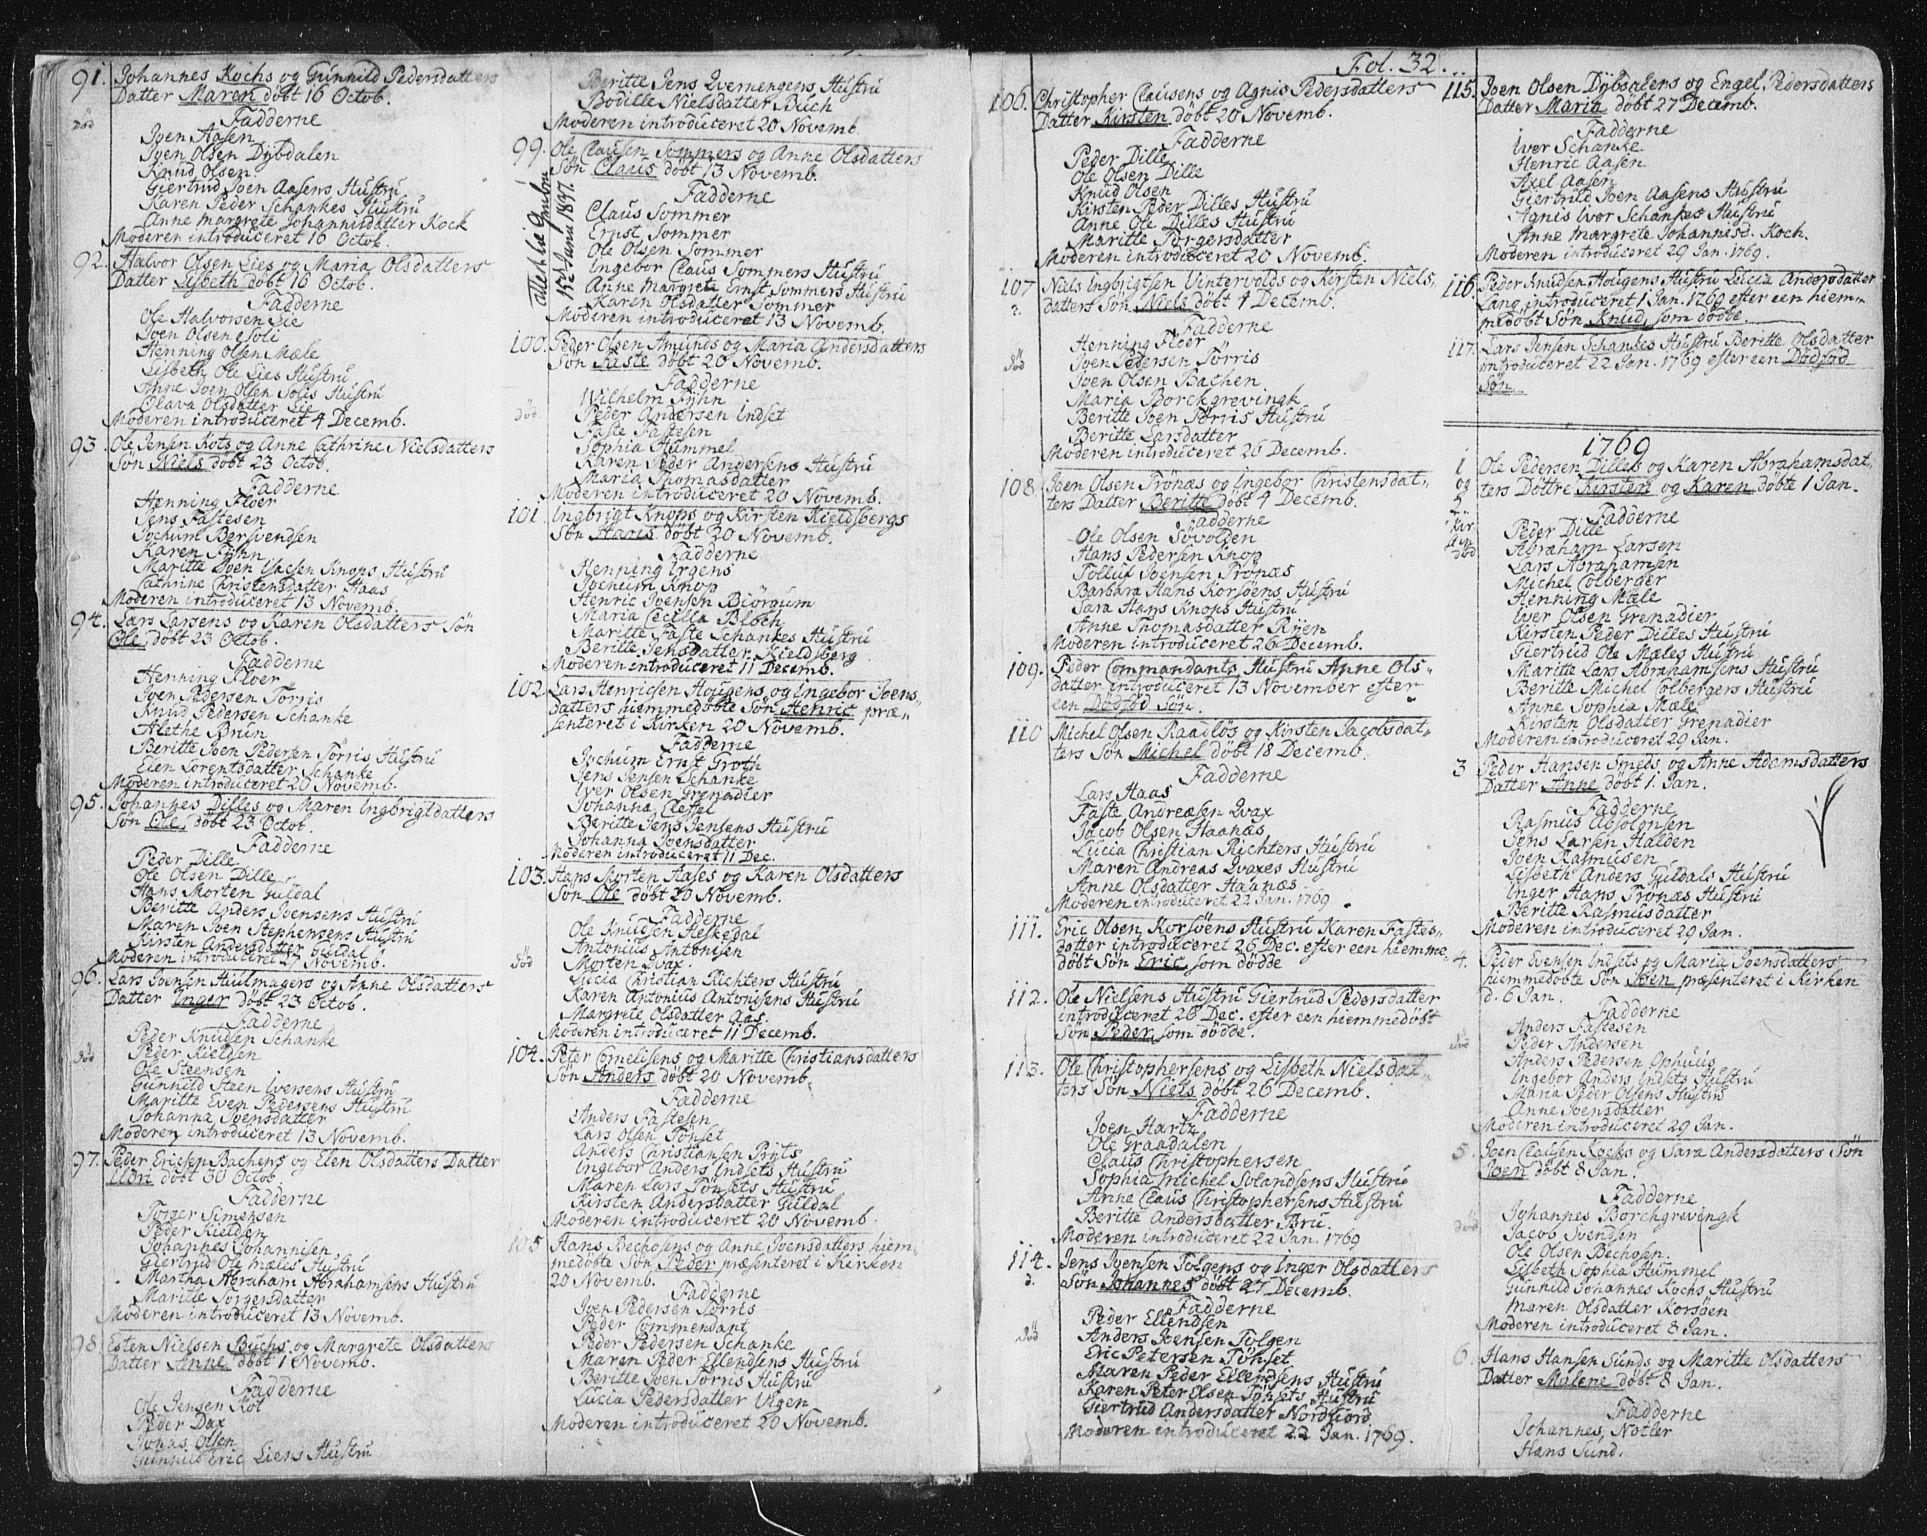 SAT, Ministerialprotokoller, klokkerbøker og fødselsregistre - Sør-Trøndelag, 681/L0926: Ministerialbok nr. 681A04, 1767-1797, s. 32